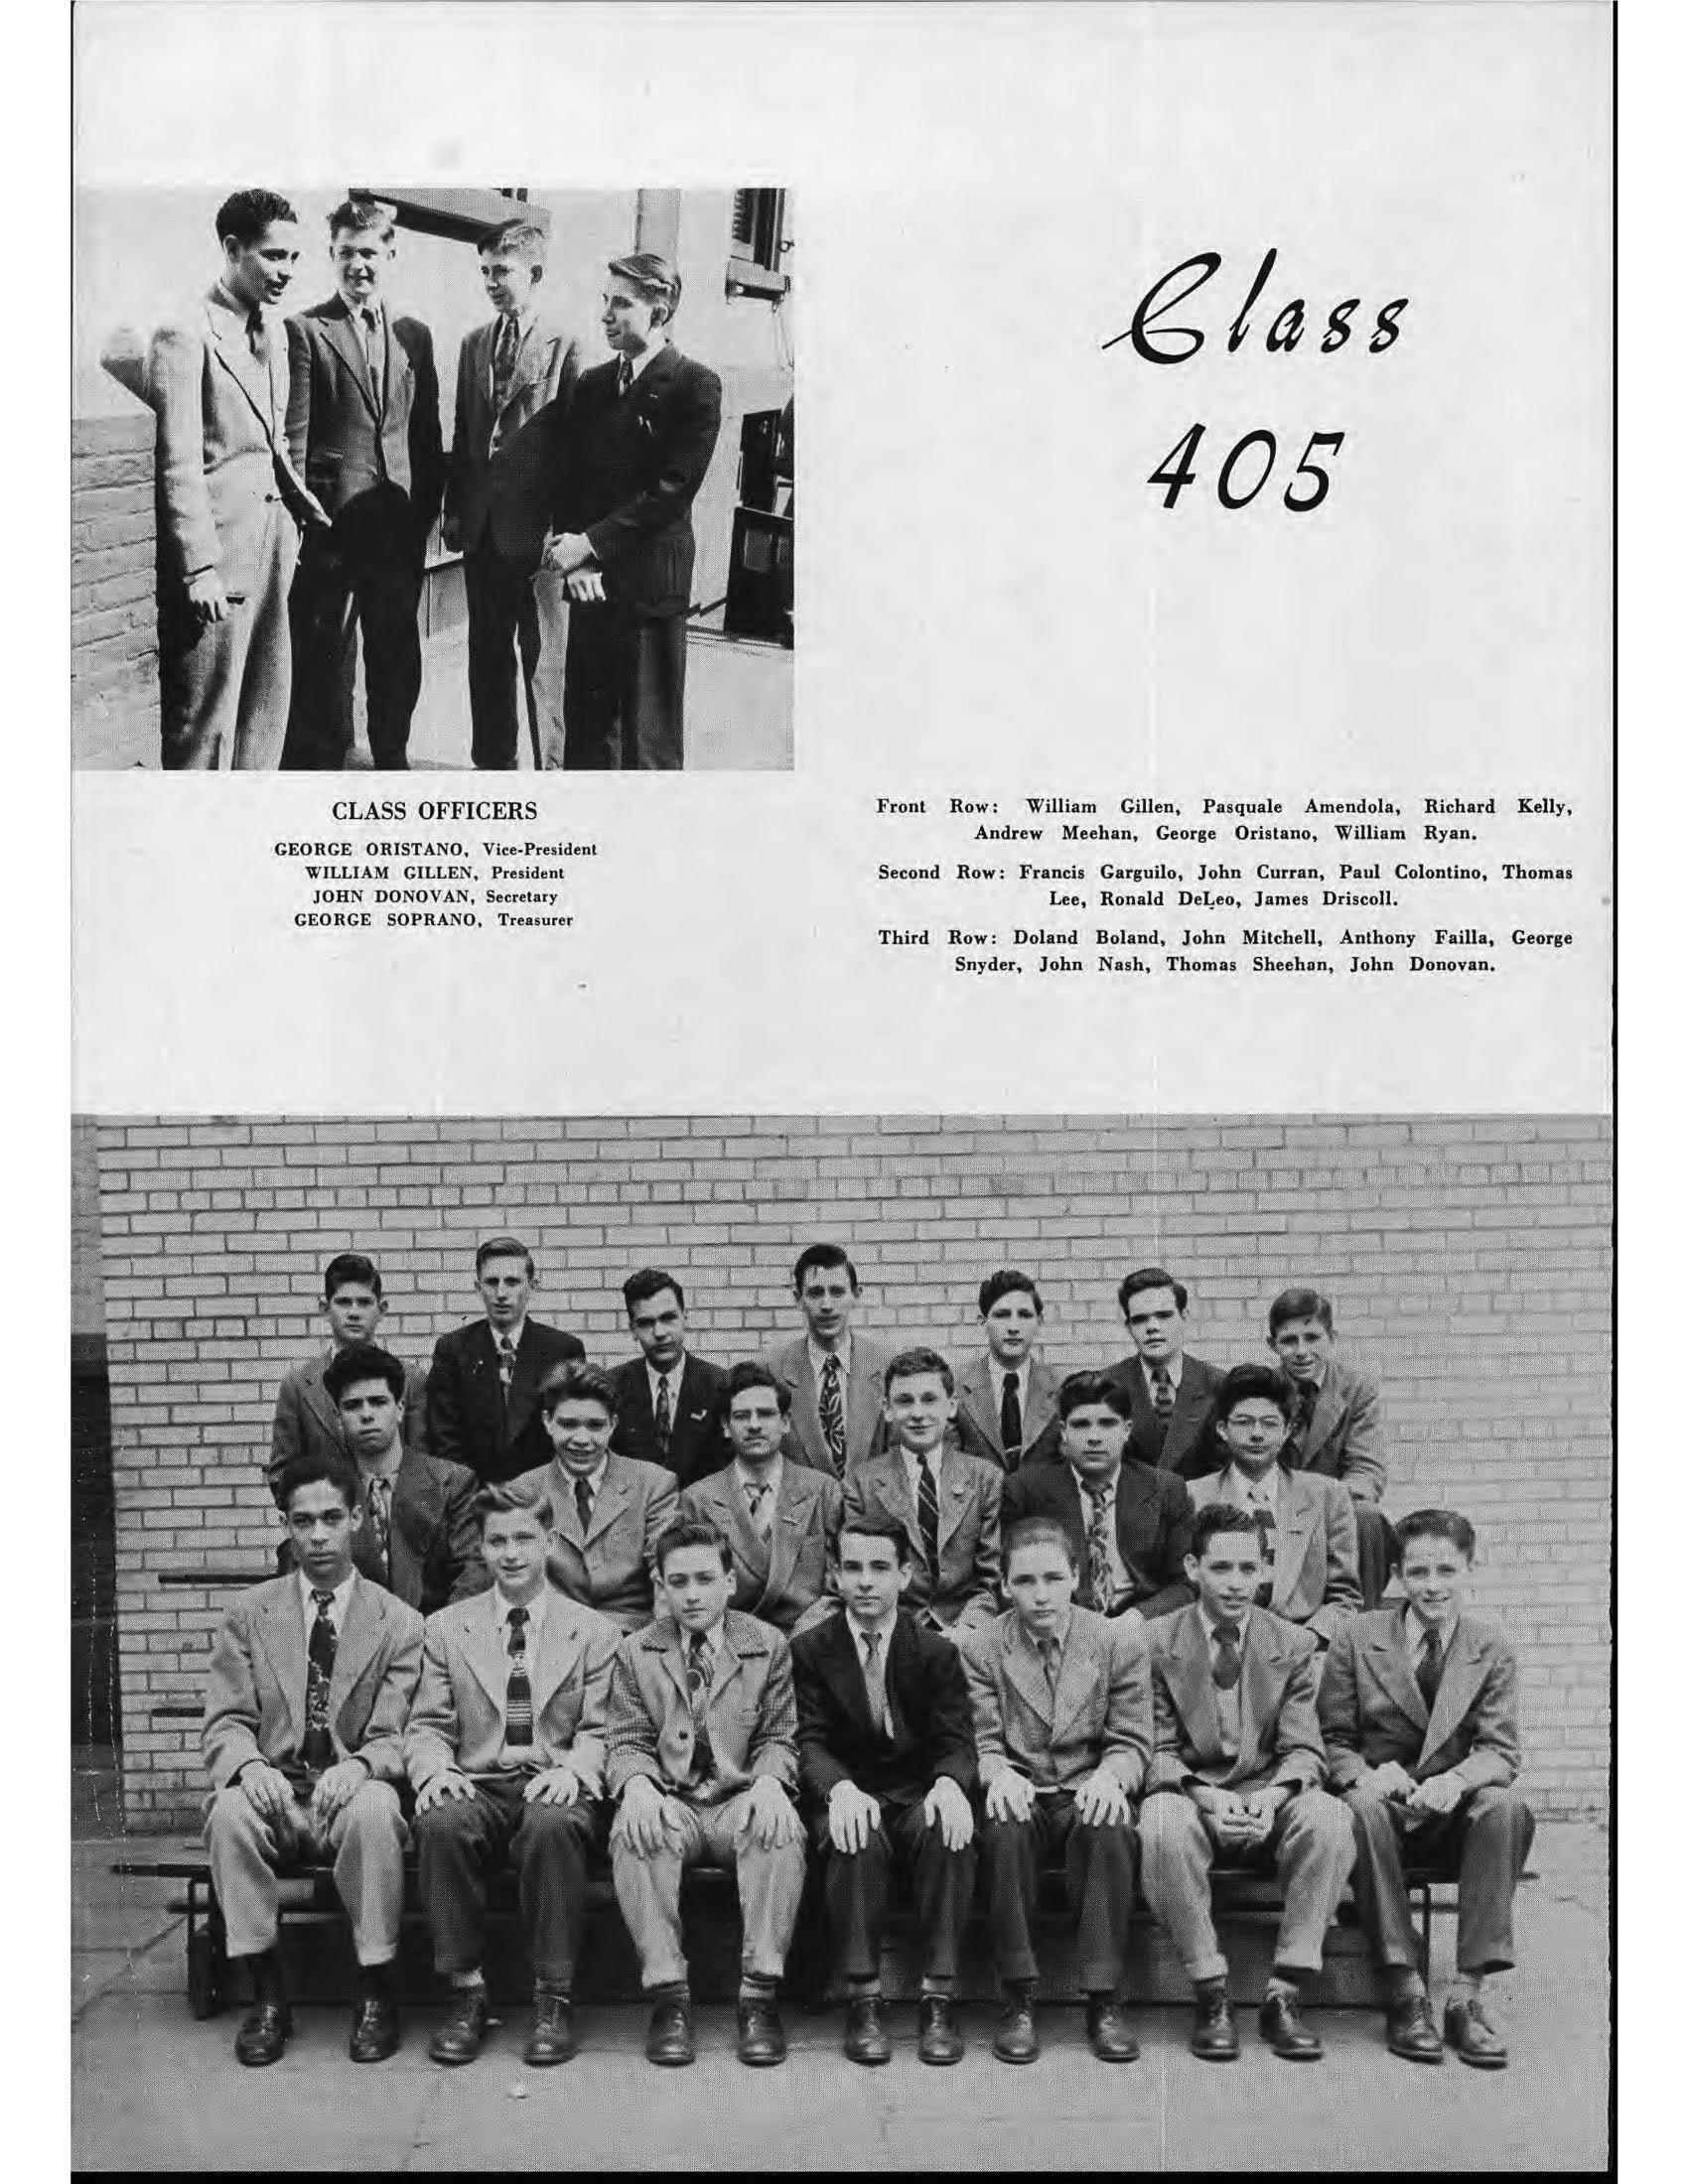 O jovem Ronald DeFeo (segunda fila, o segundo da direita para a esquerda) na foto do ano do colegial. Foto: Photobucket.